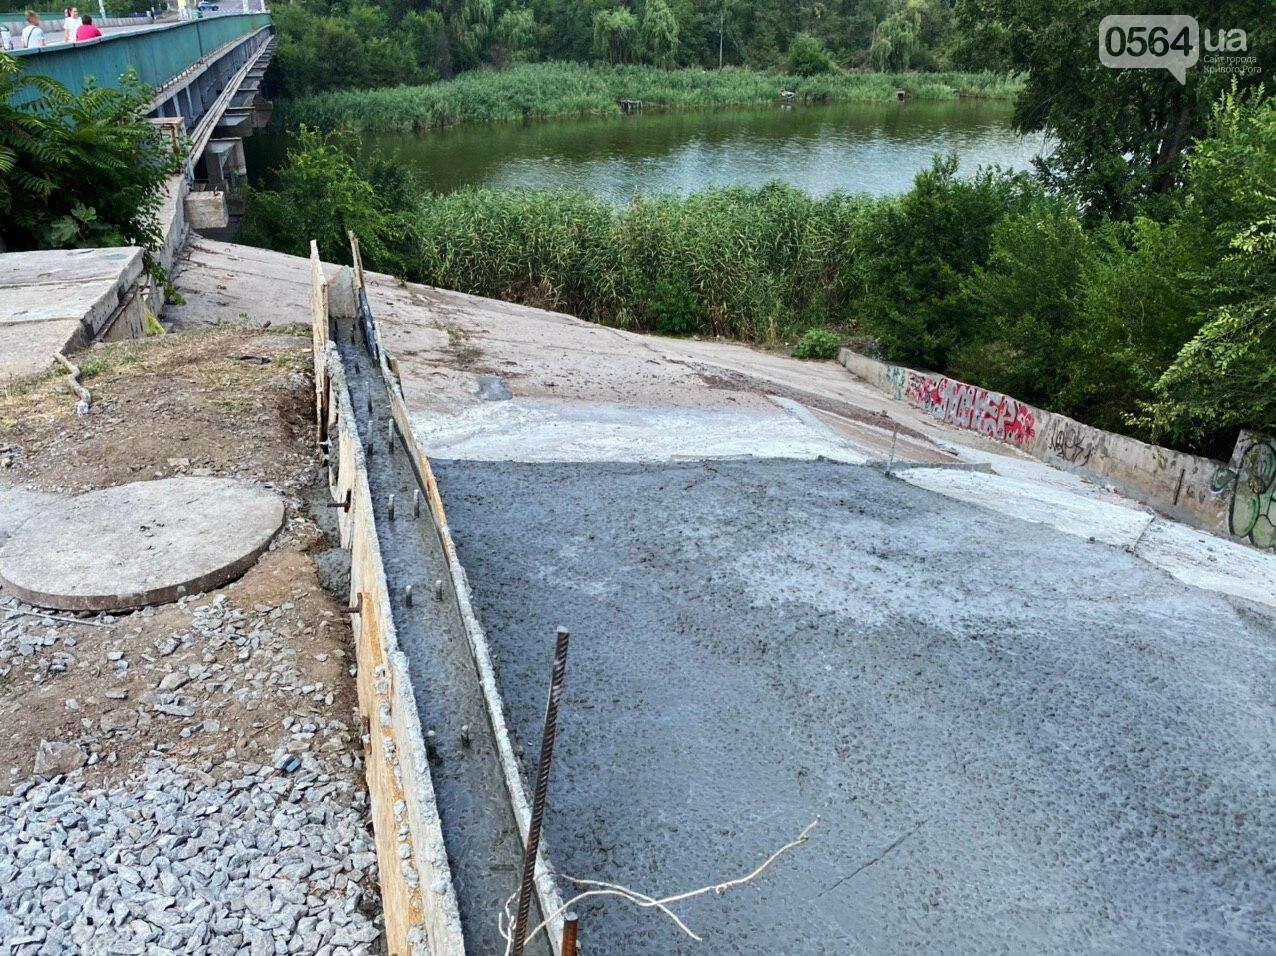 В Кривом Роге опять ремонтируют мост, где 5 лет назад произошло ЧП, - ФОТО , фото-4